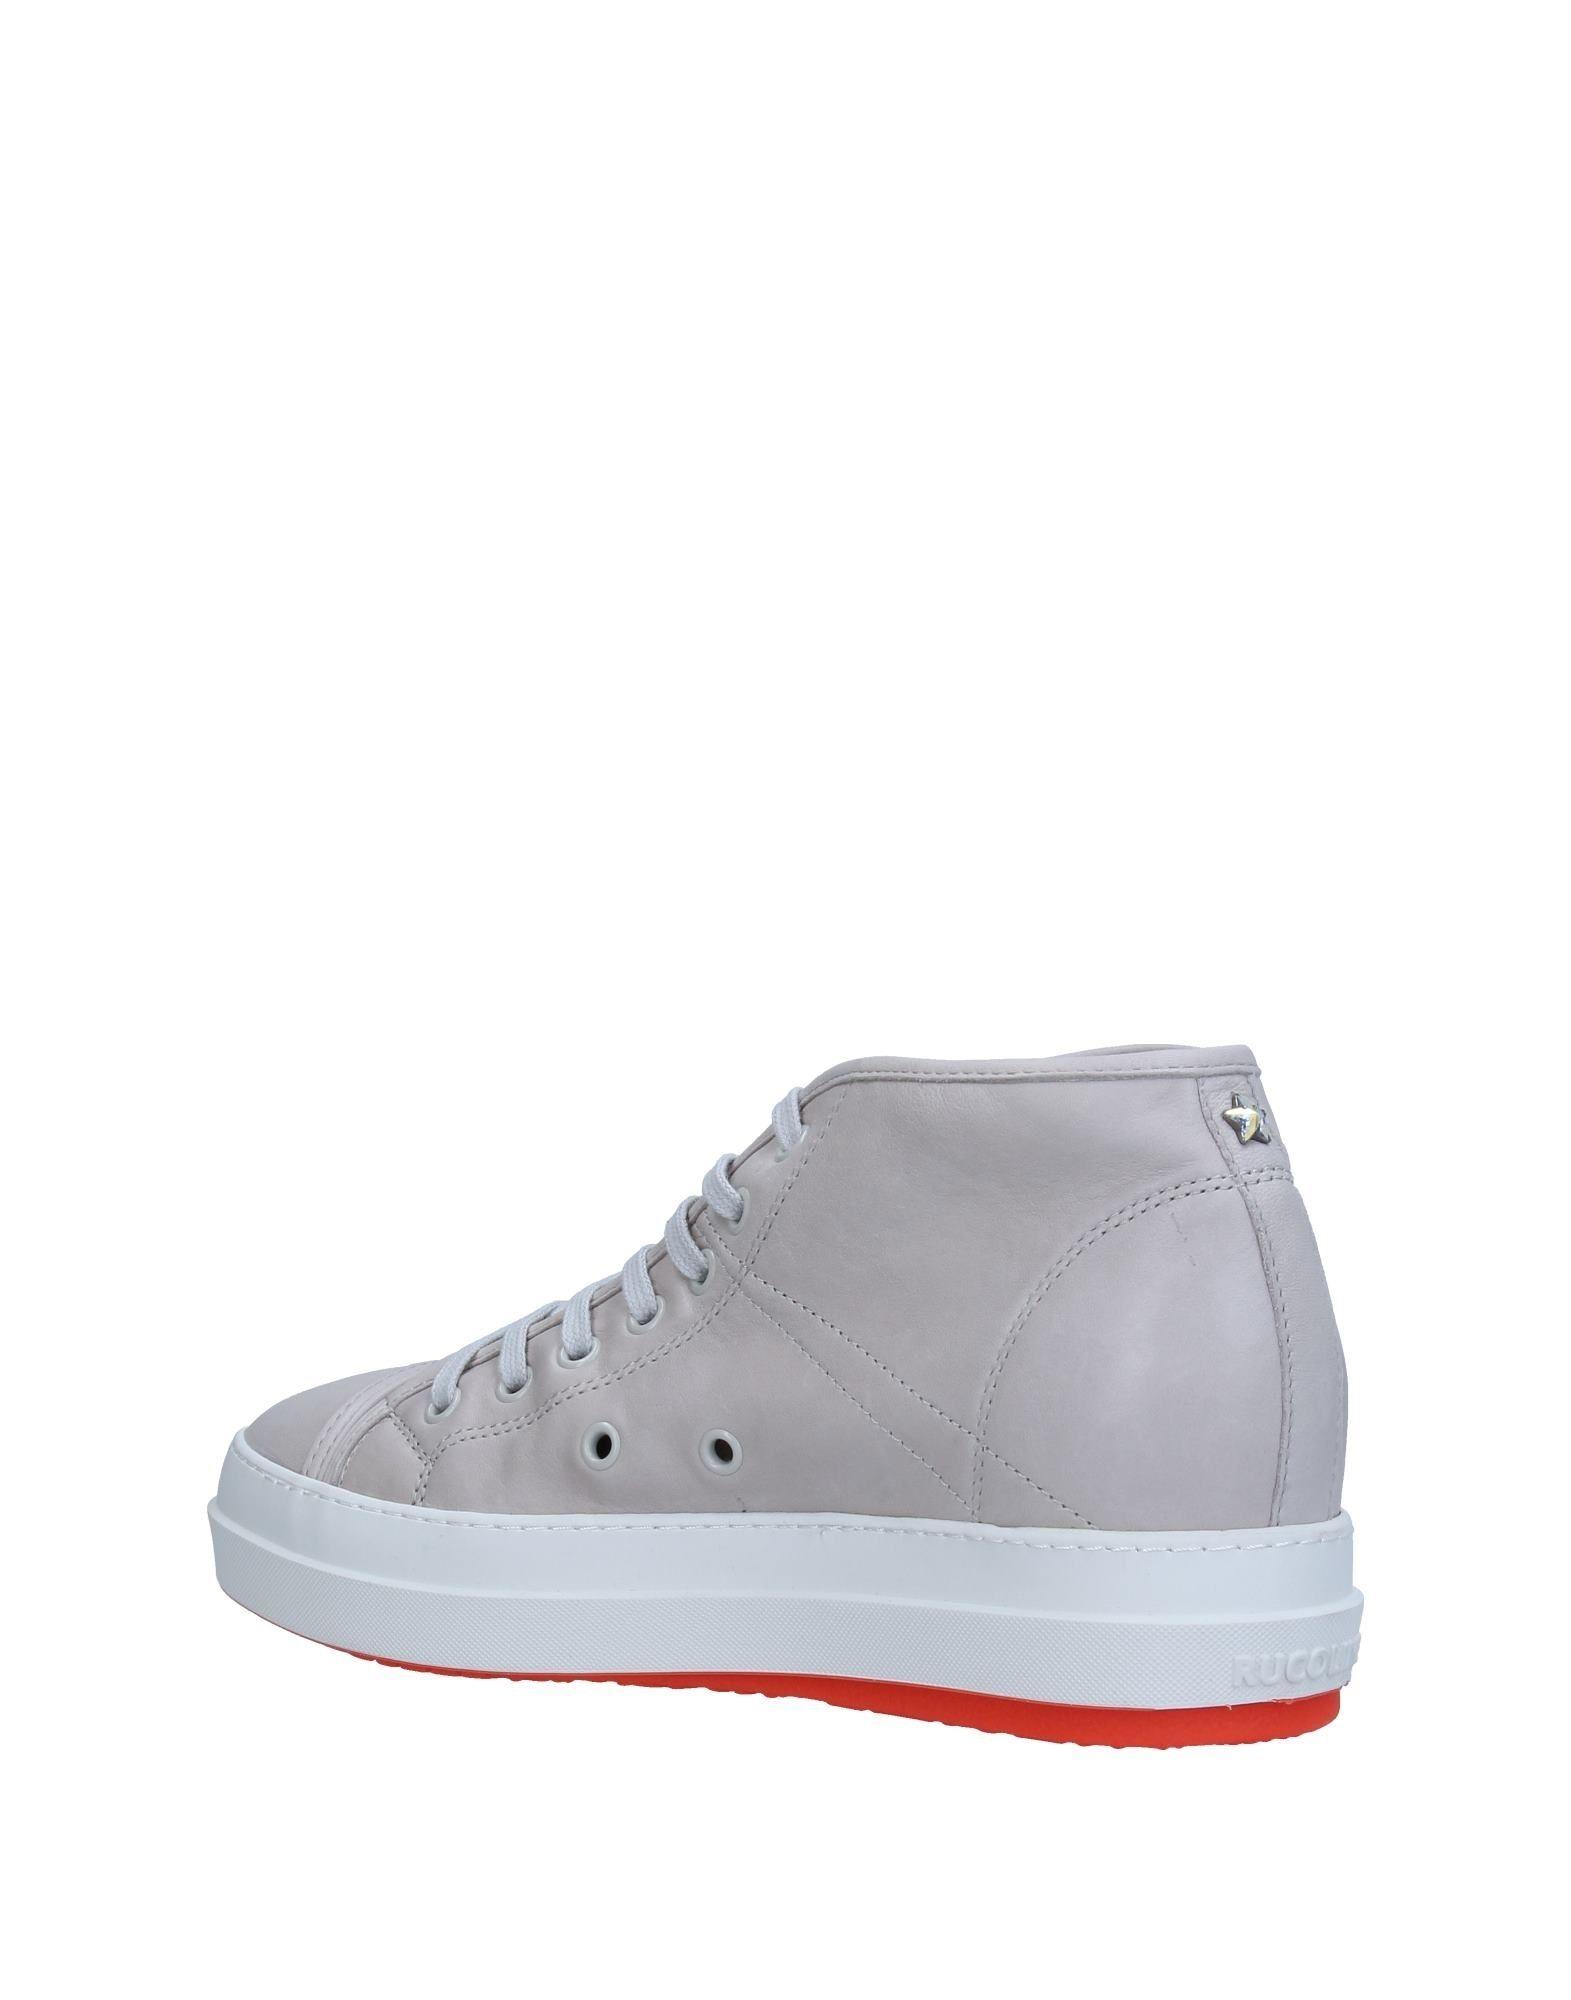 Ruco Line Sneakers Damen  11334376JC Gute Qualität beliebte Schuhe Schuhe beliebte 4f81a9